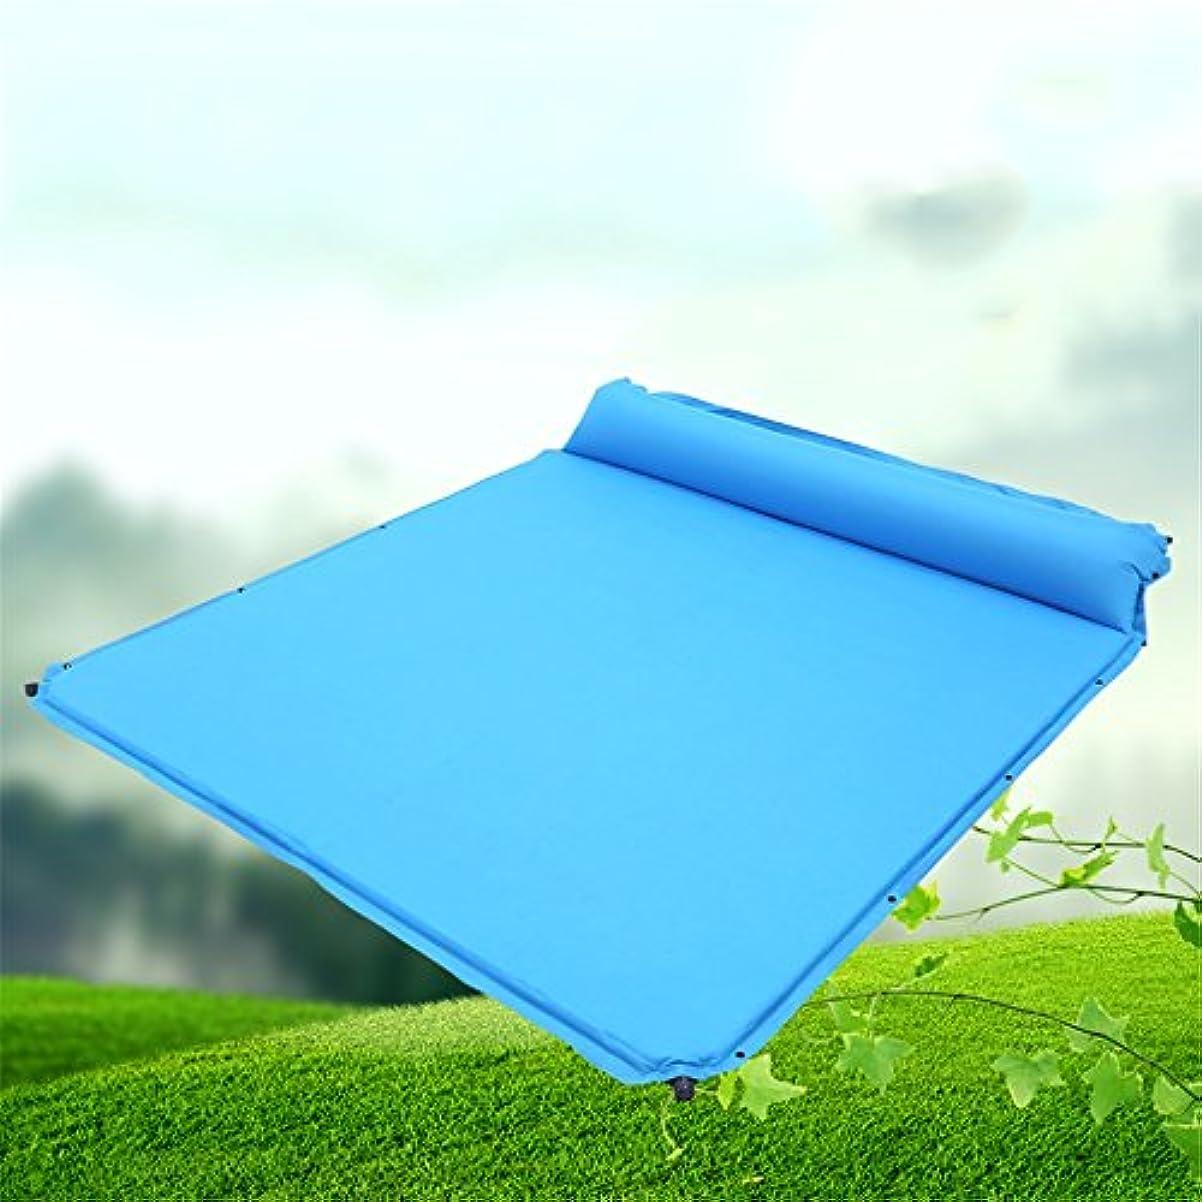 広げるトライアスロン言語学屋外の二重自動膨脹可能なクッションの厚くなる広いキャンプテントの膨脹可能なクッション